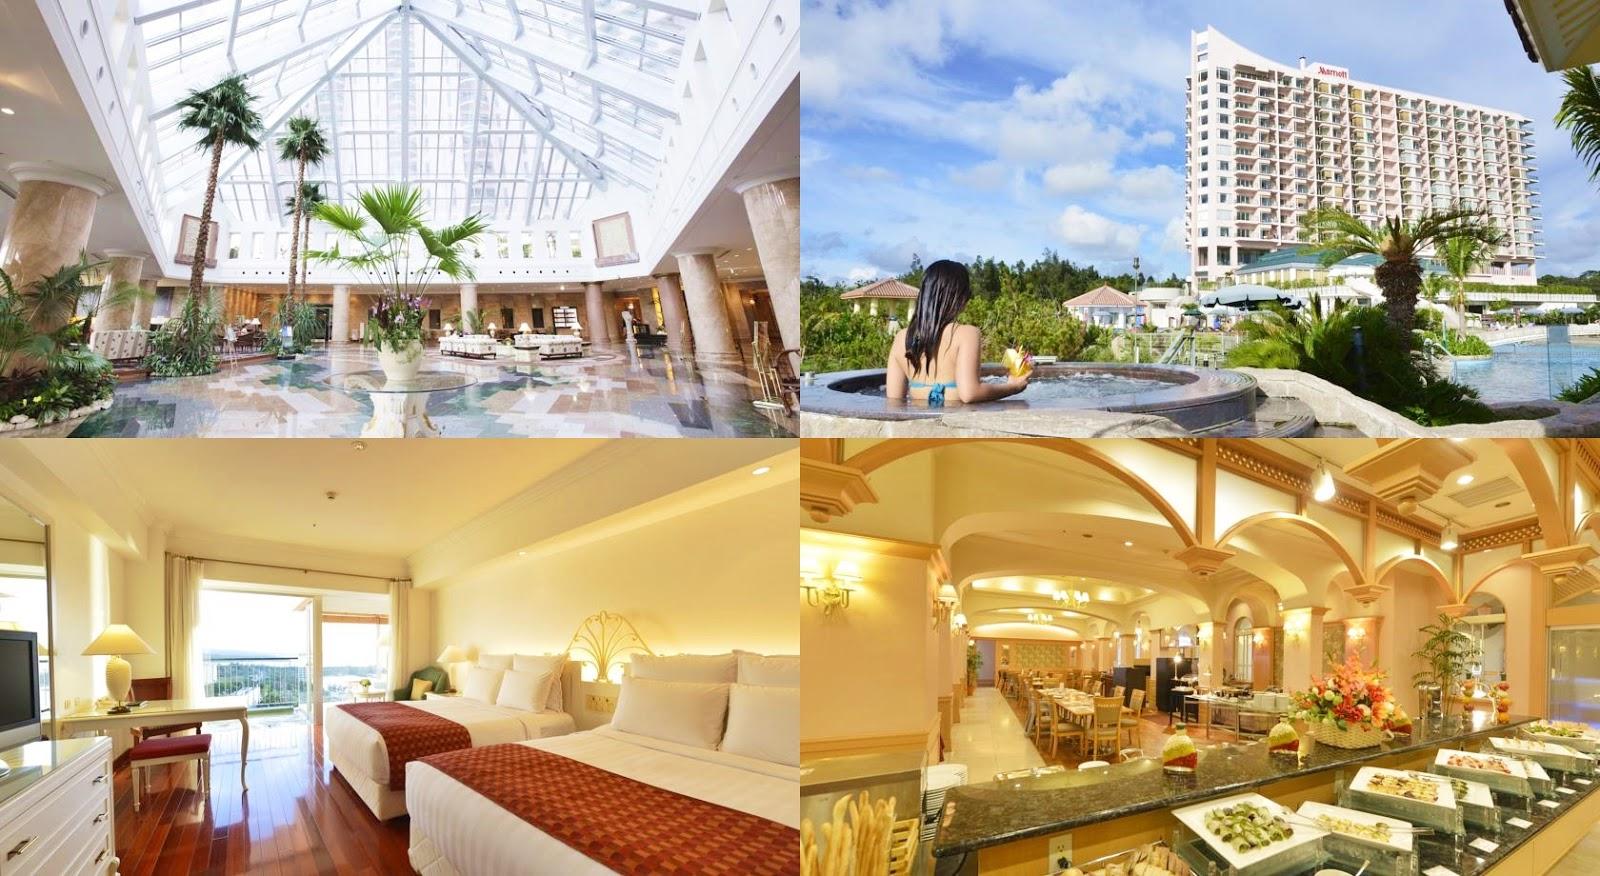 沖繩-沖繩住宿-推薦-沖繩飯店-沖繩旅館-沖繩民宿-沖繩公寓-沖繩酒店住宿-住宿-沖繩必住住宿-沖繩萬豪度假酒店-Okinawa-Marriott-Resort&Spa-Okinawa-hotel-recommendation